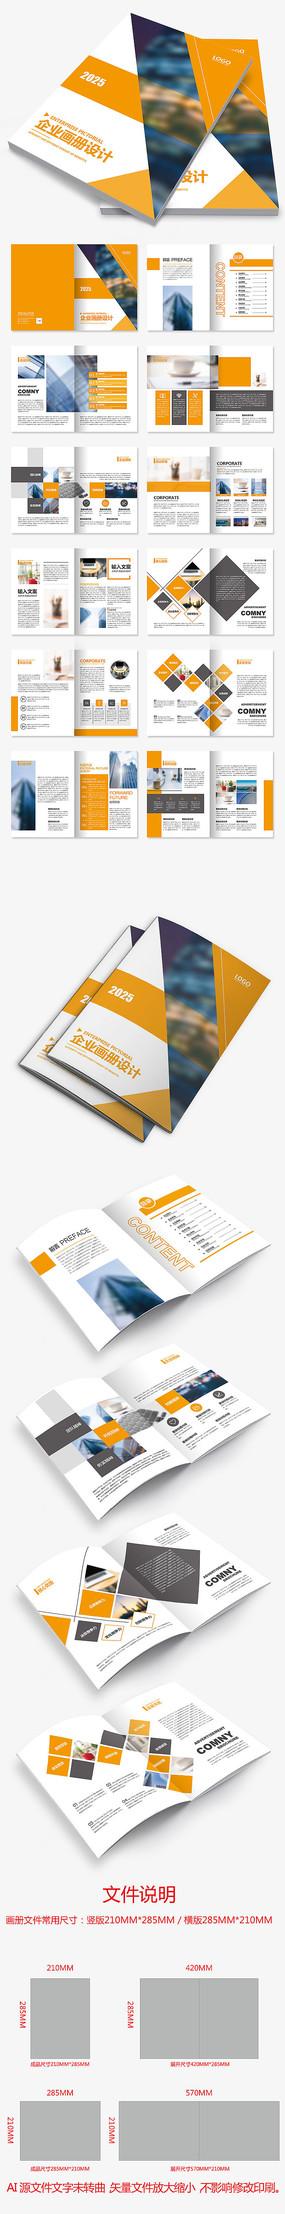 橙黑色招商产品宣传册企业画册设计模板